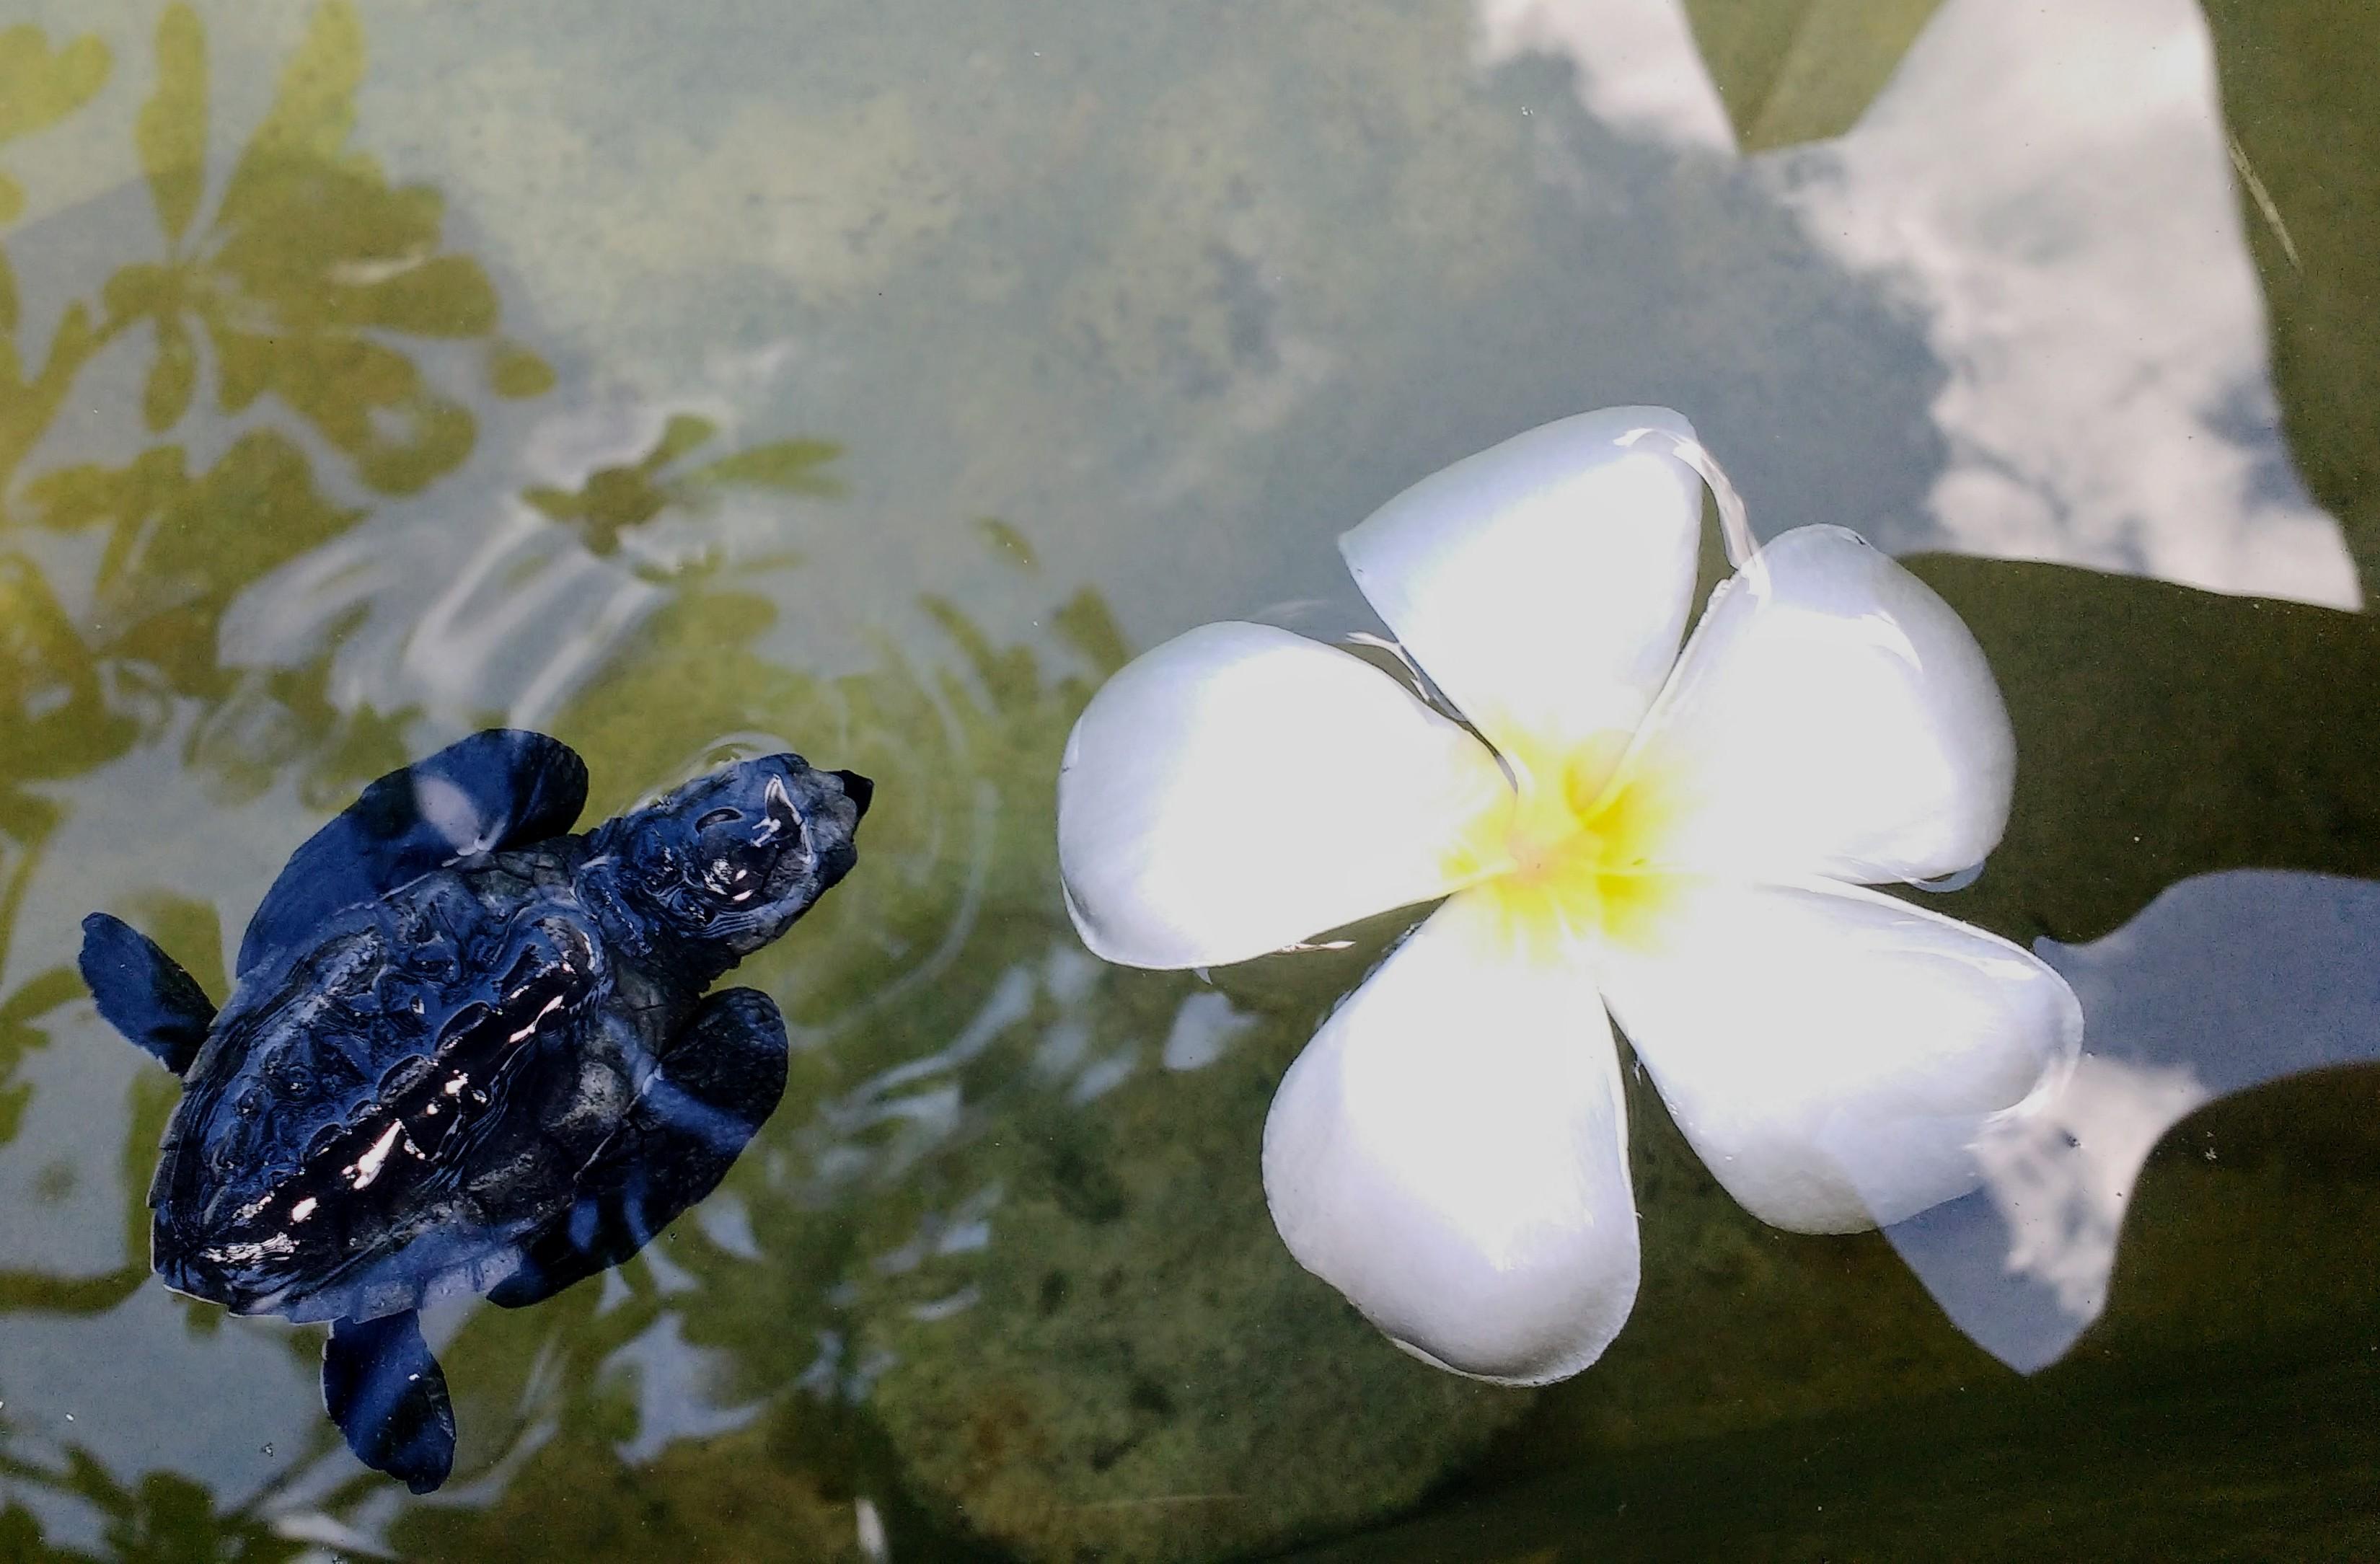 Sri Lanka baby sea turtle